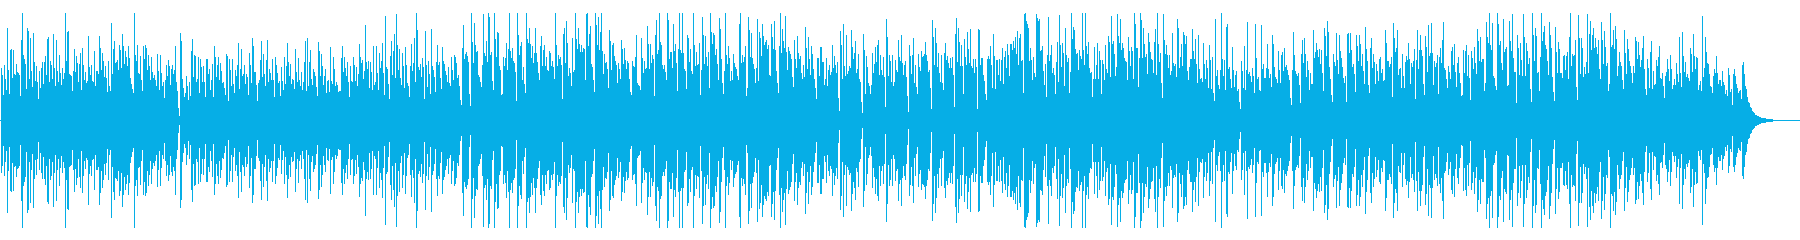 CMやVPに 明るい口笛ポップでかわいいの再生済みの波形